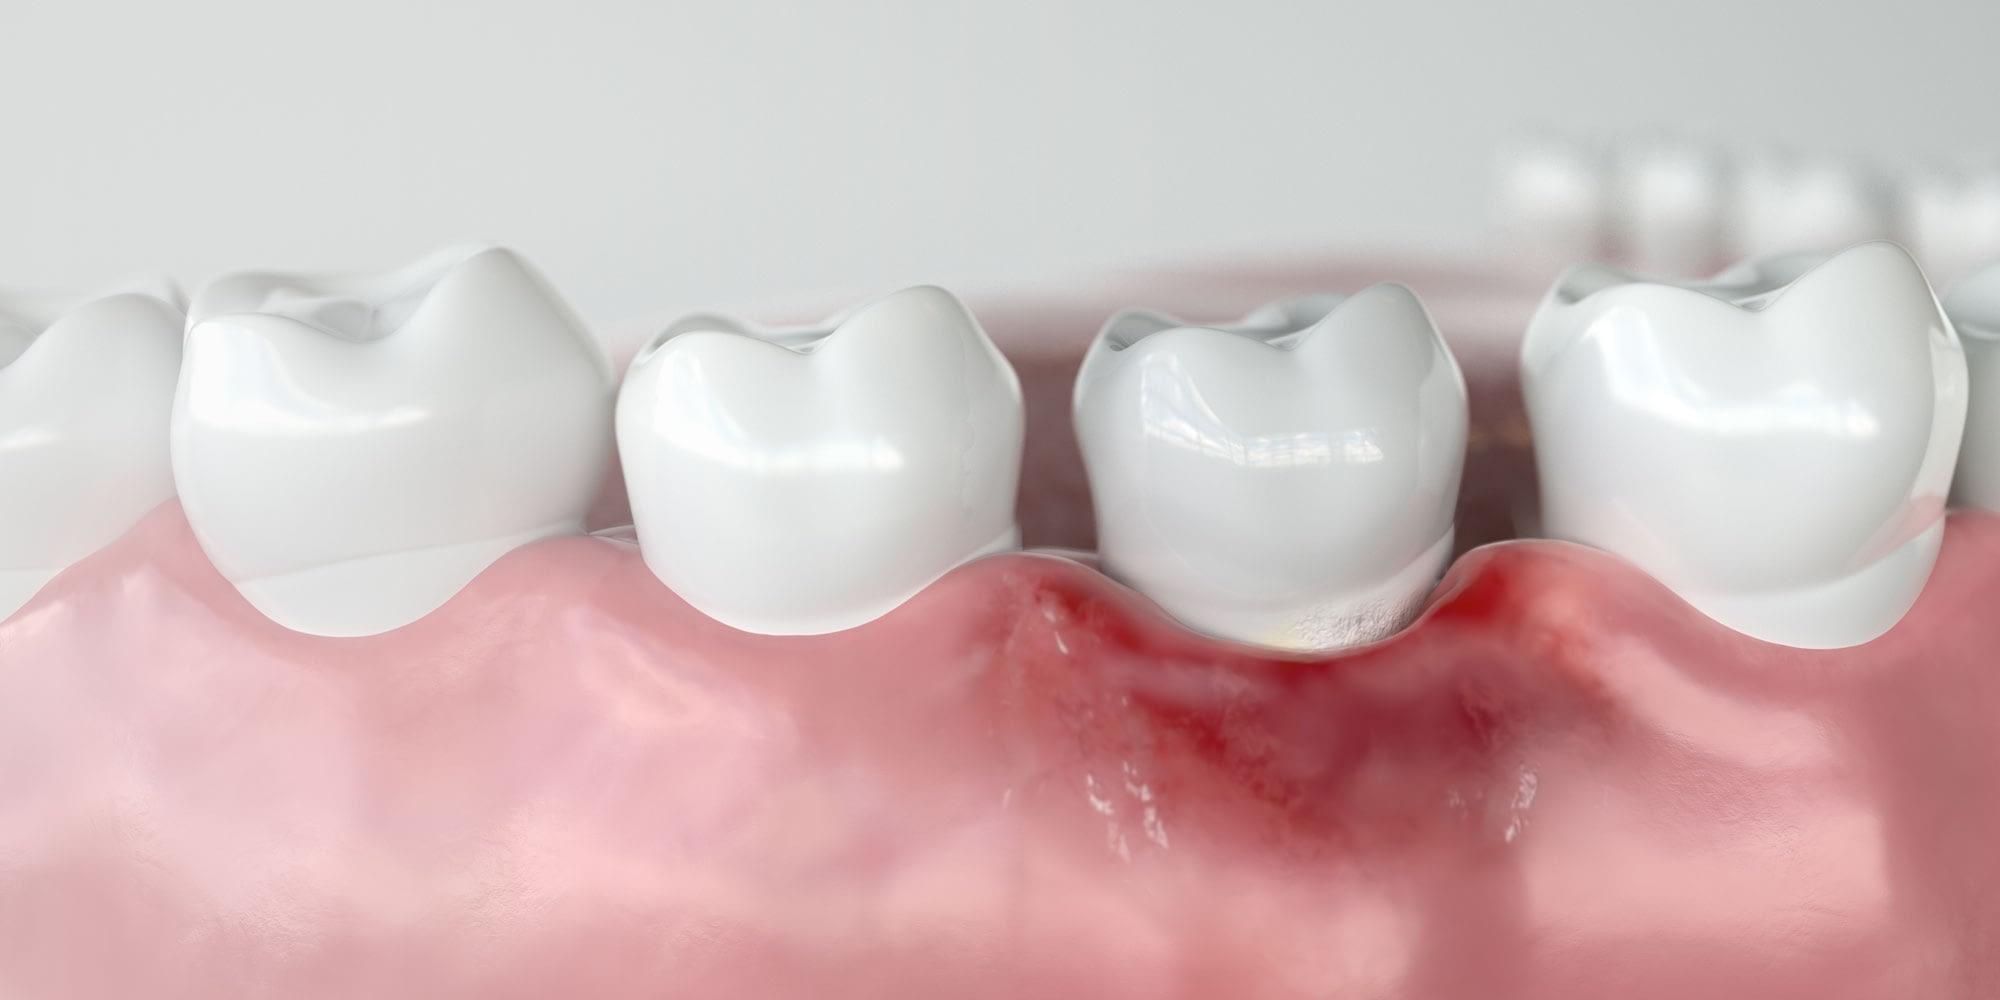 teeth model with gum disease Brownstown, MI